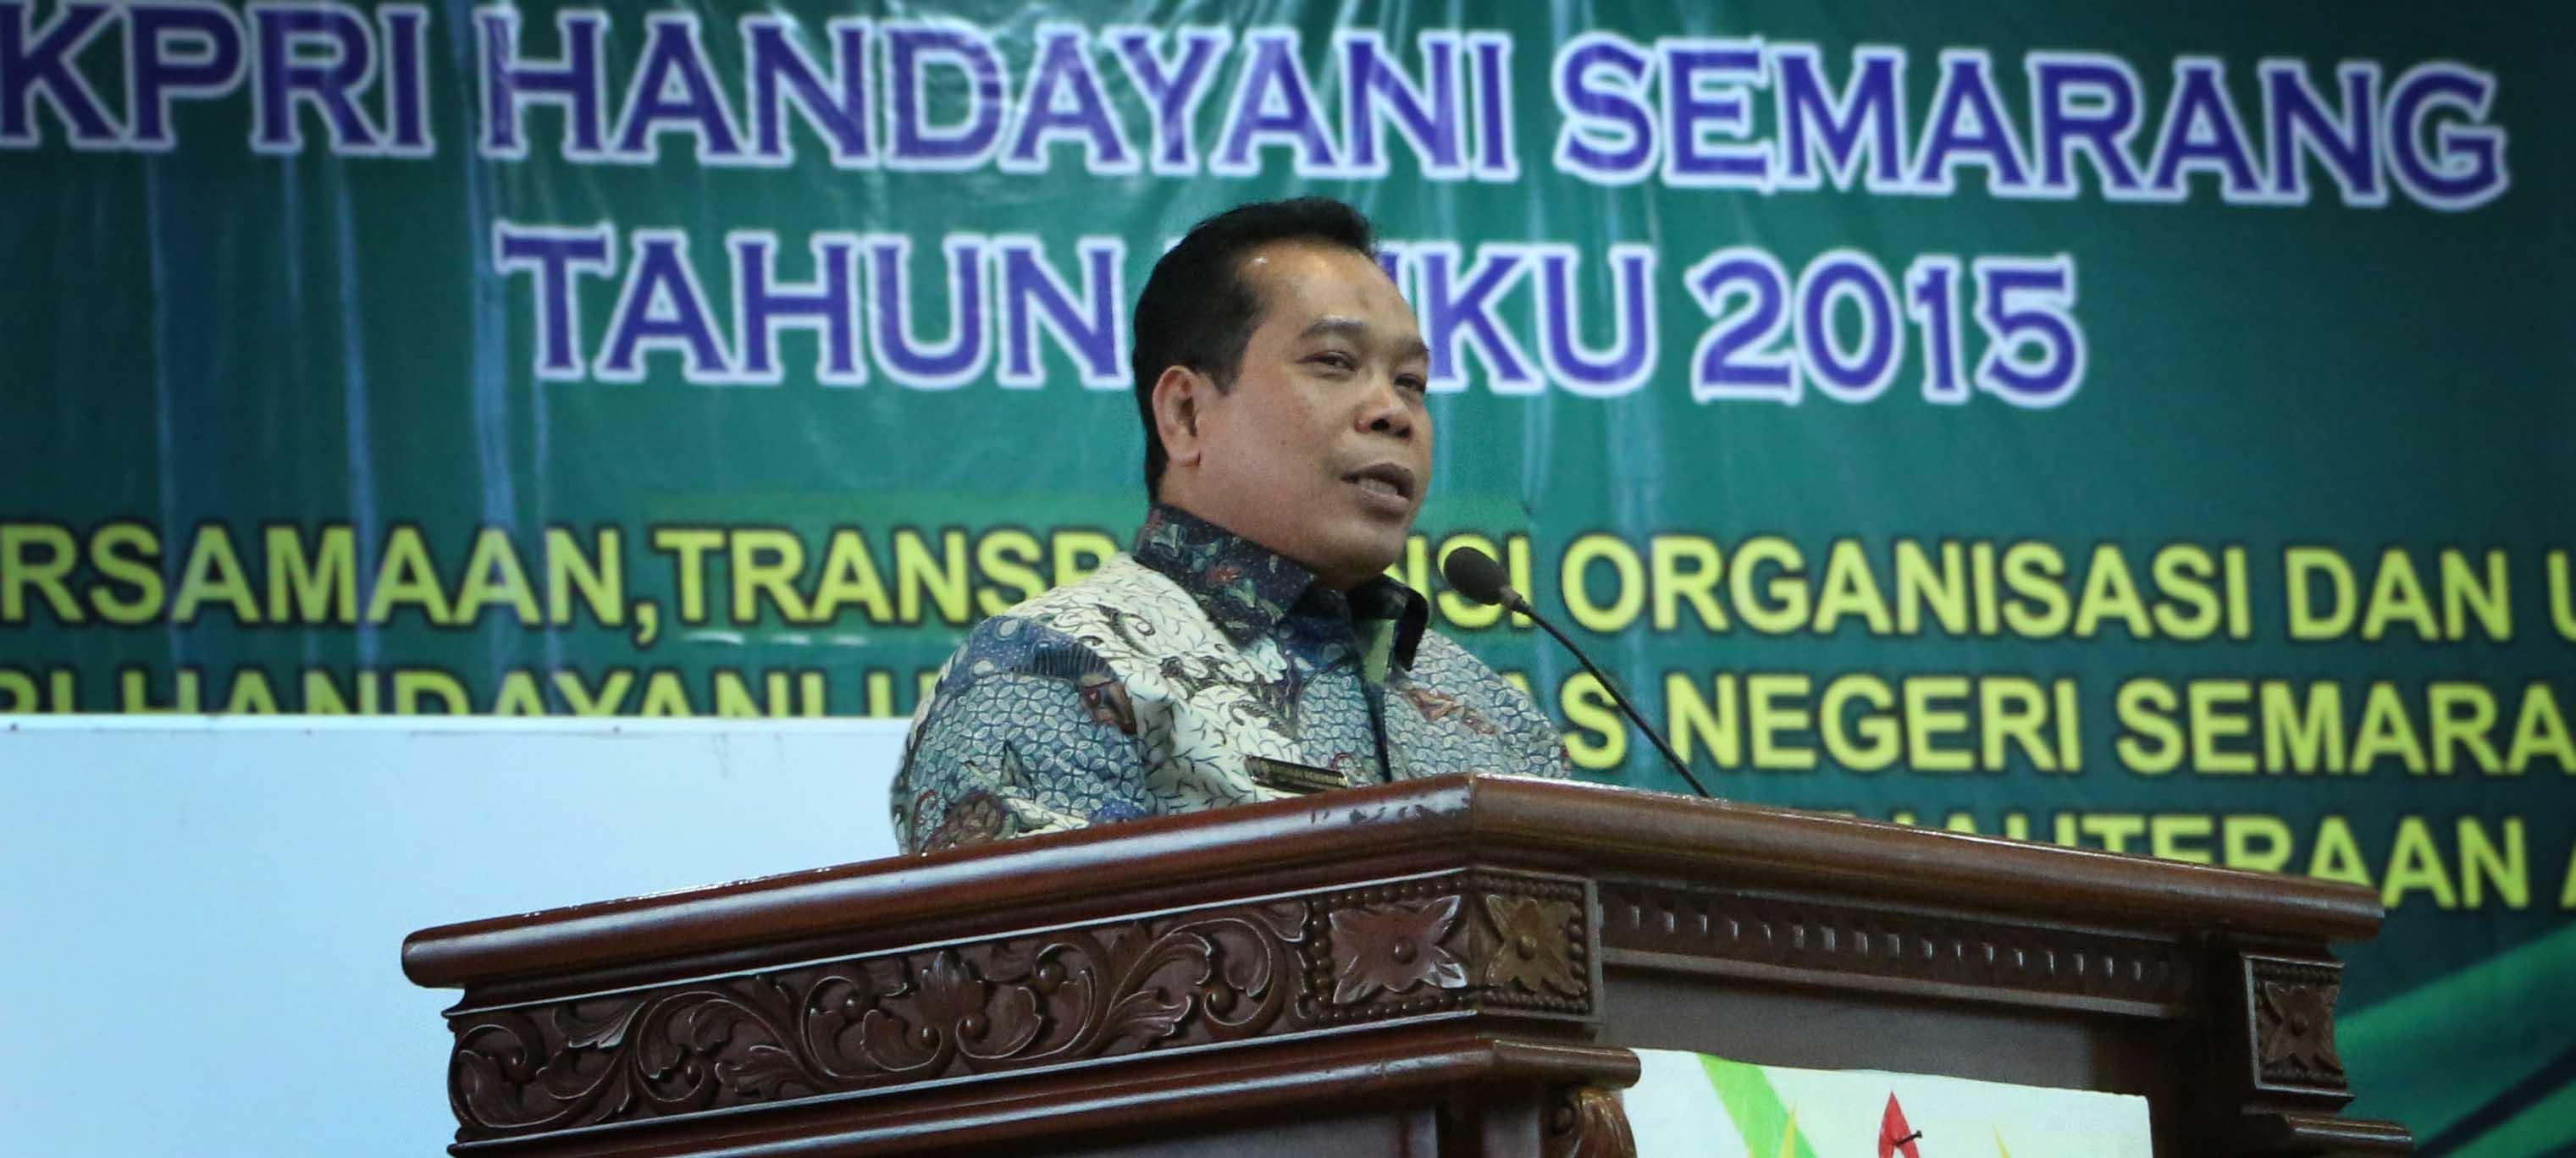 Rektor Unnes Apresiasi Keberhasilan KPRI Handayani